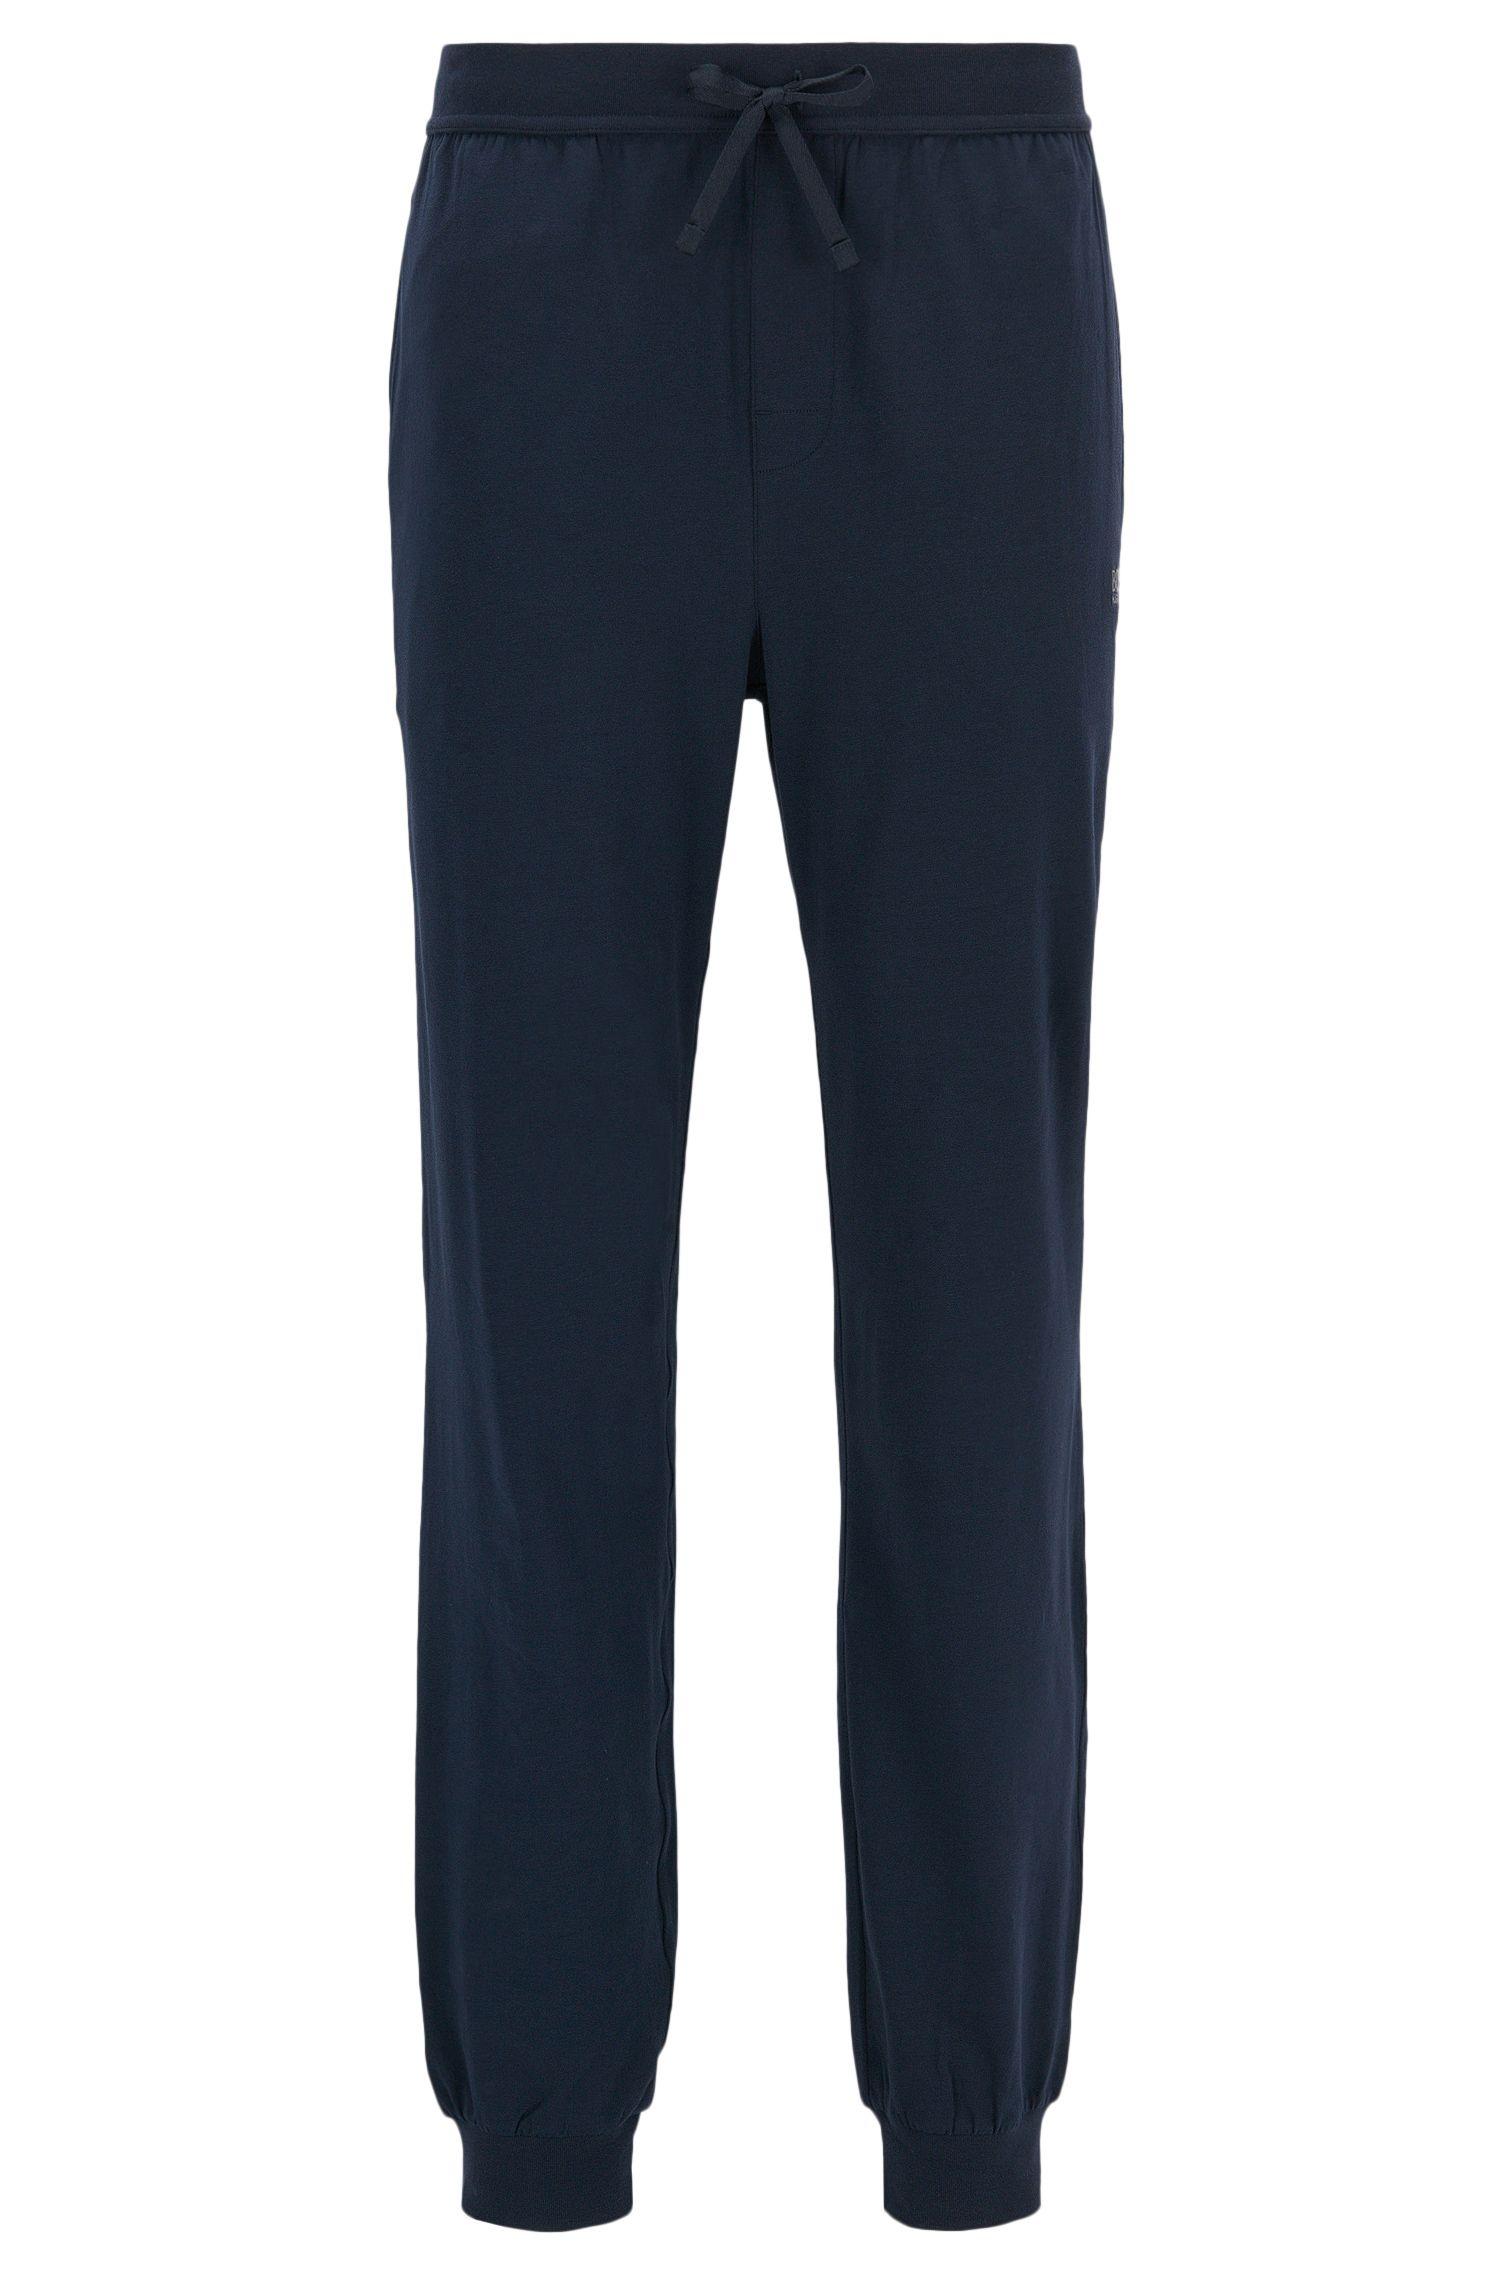 Pantalon d'intérieur resserré au bas des jambes en coton stretch